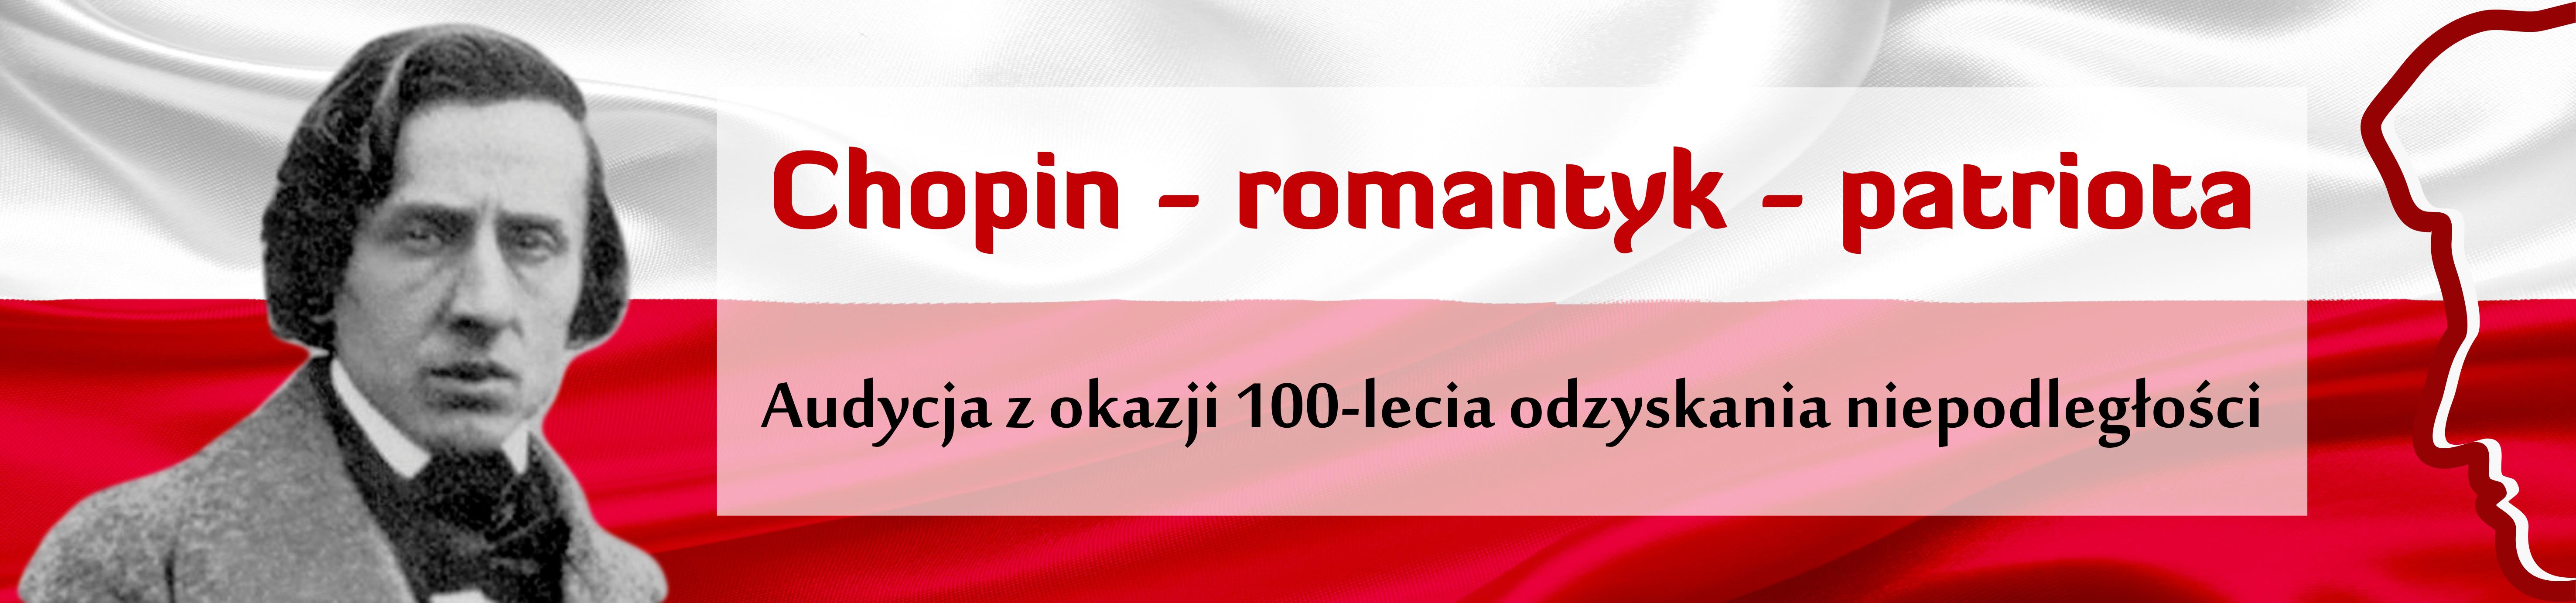 Audycja Chopin-romantyk-patriota